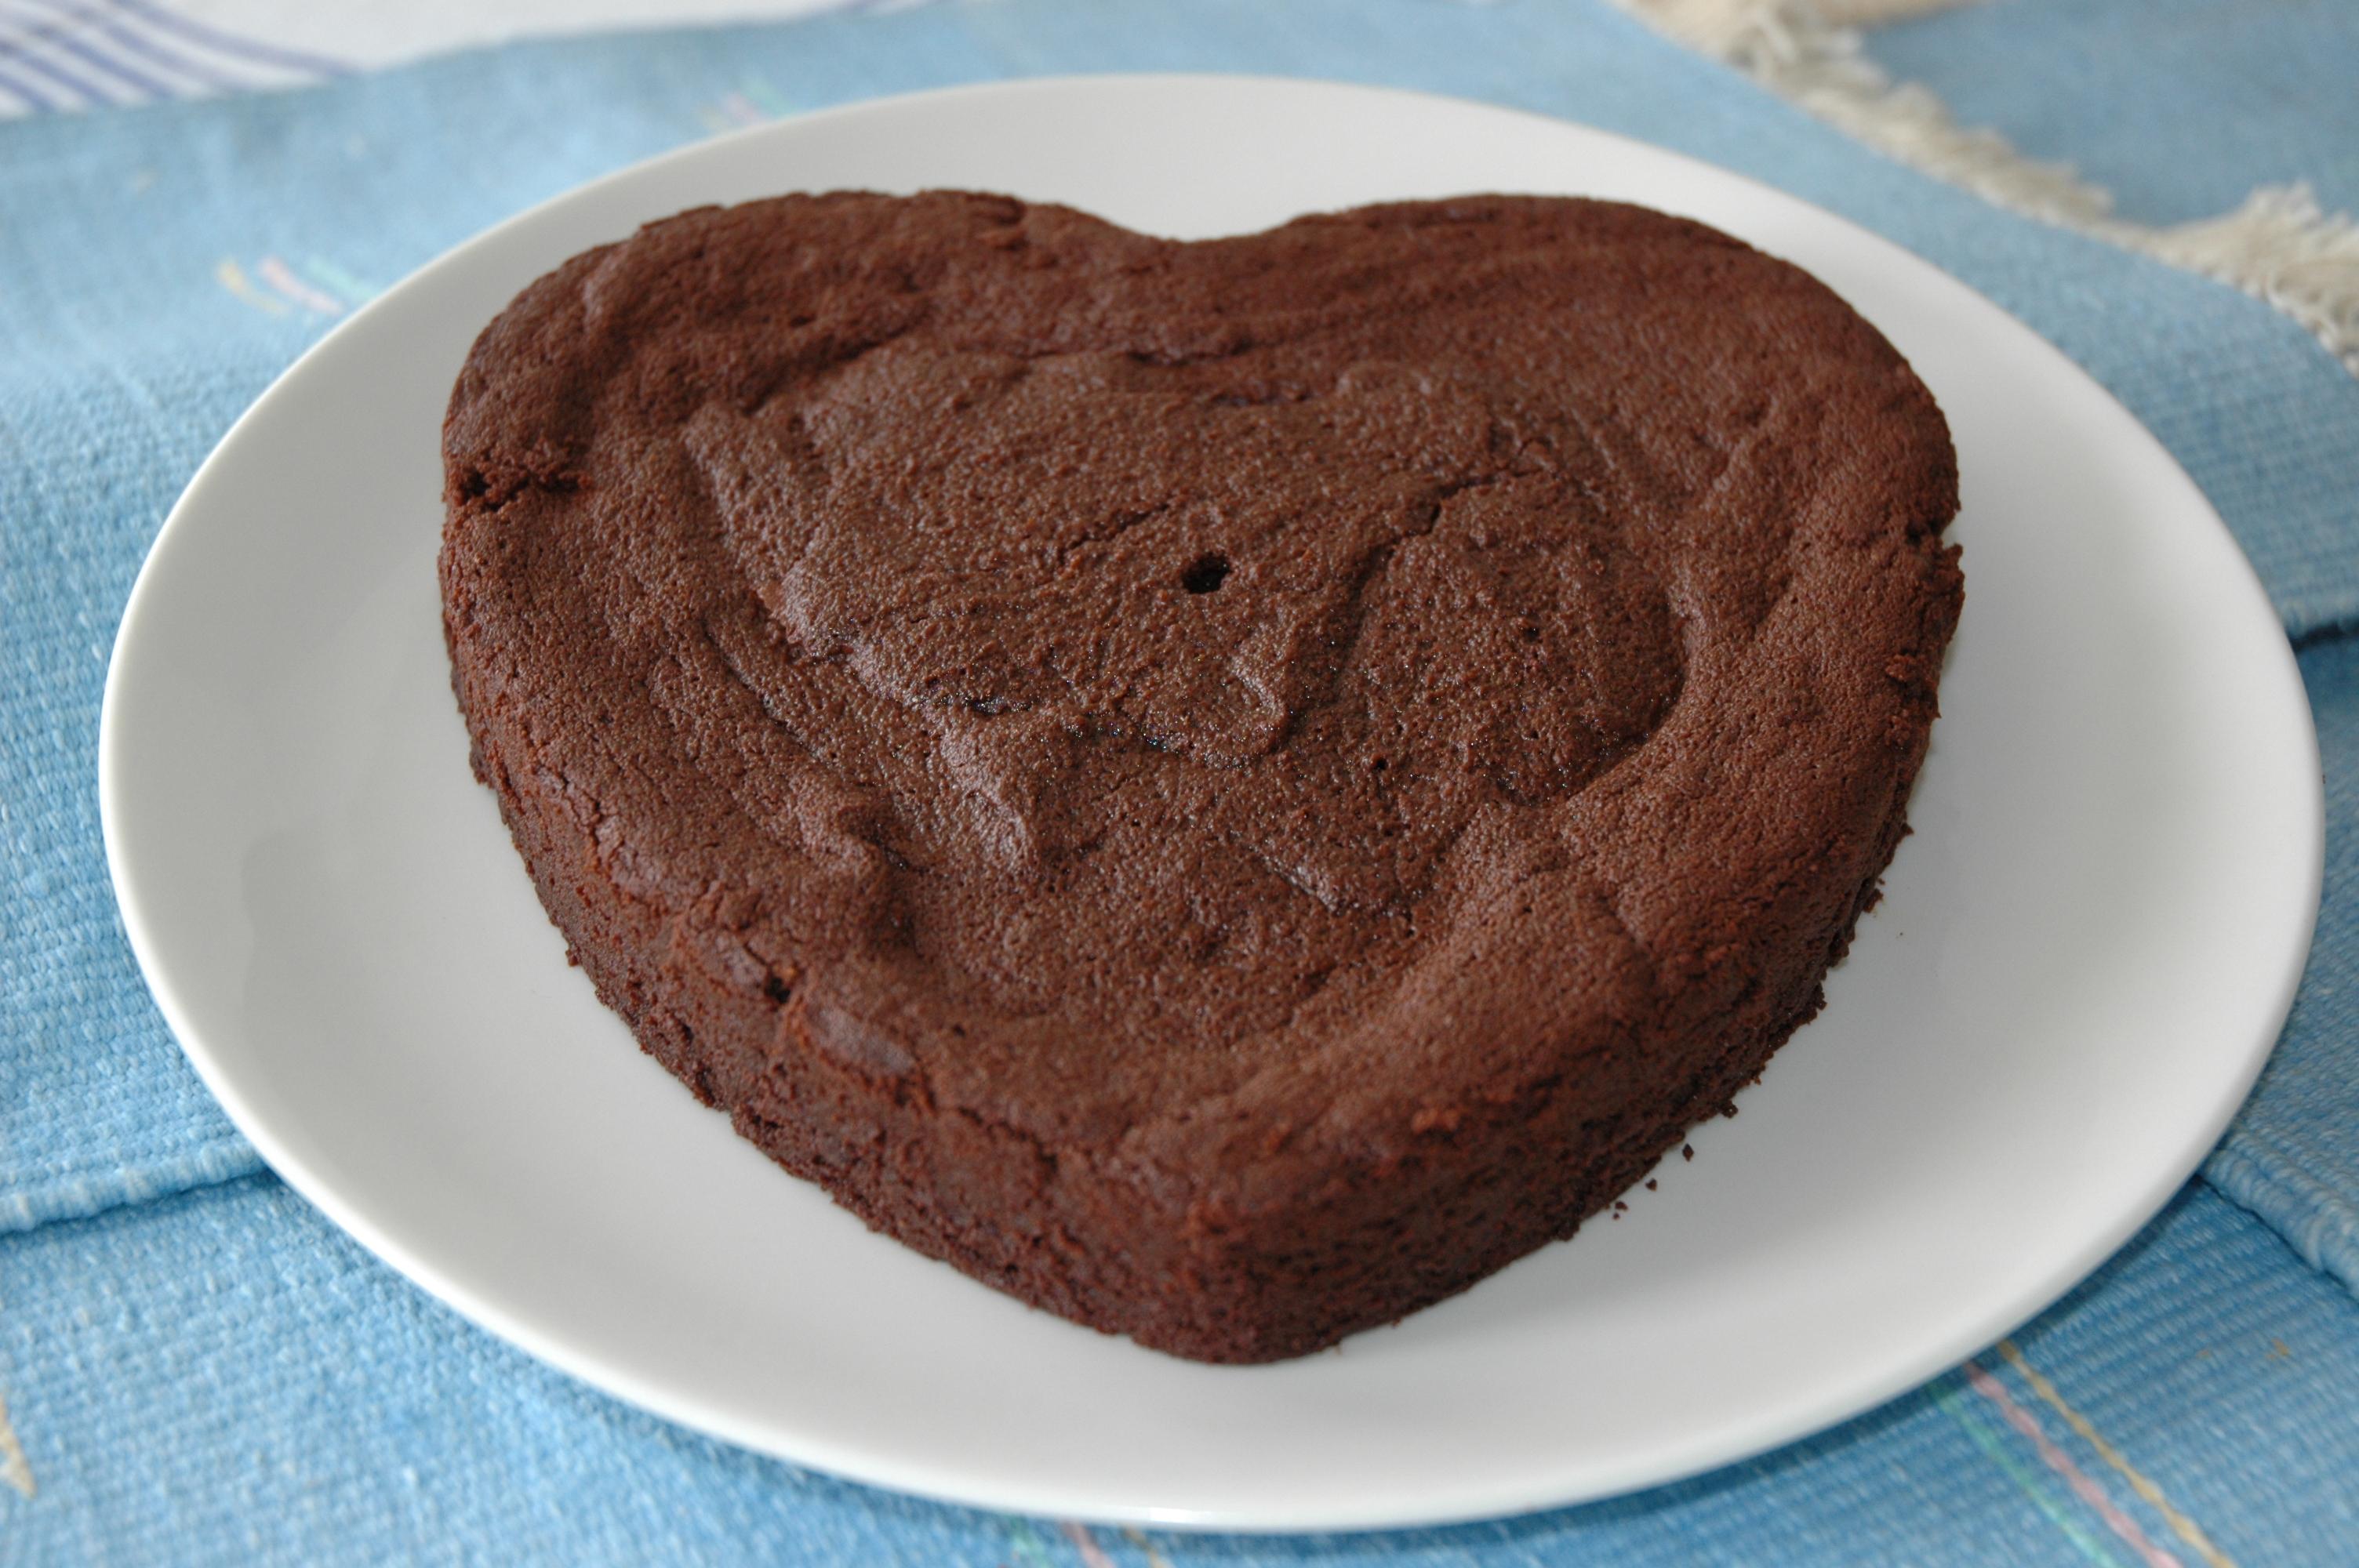 chocolate-valentino-unmolded